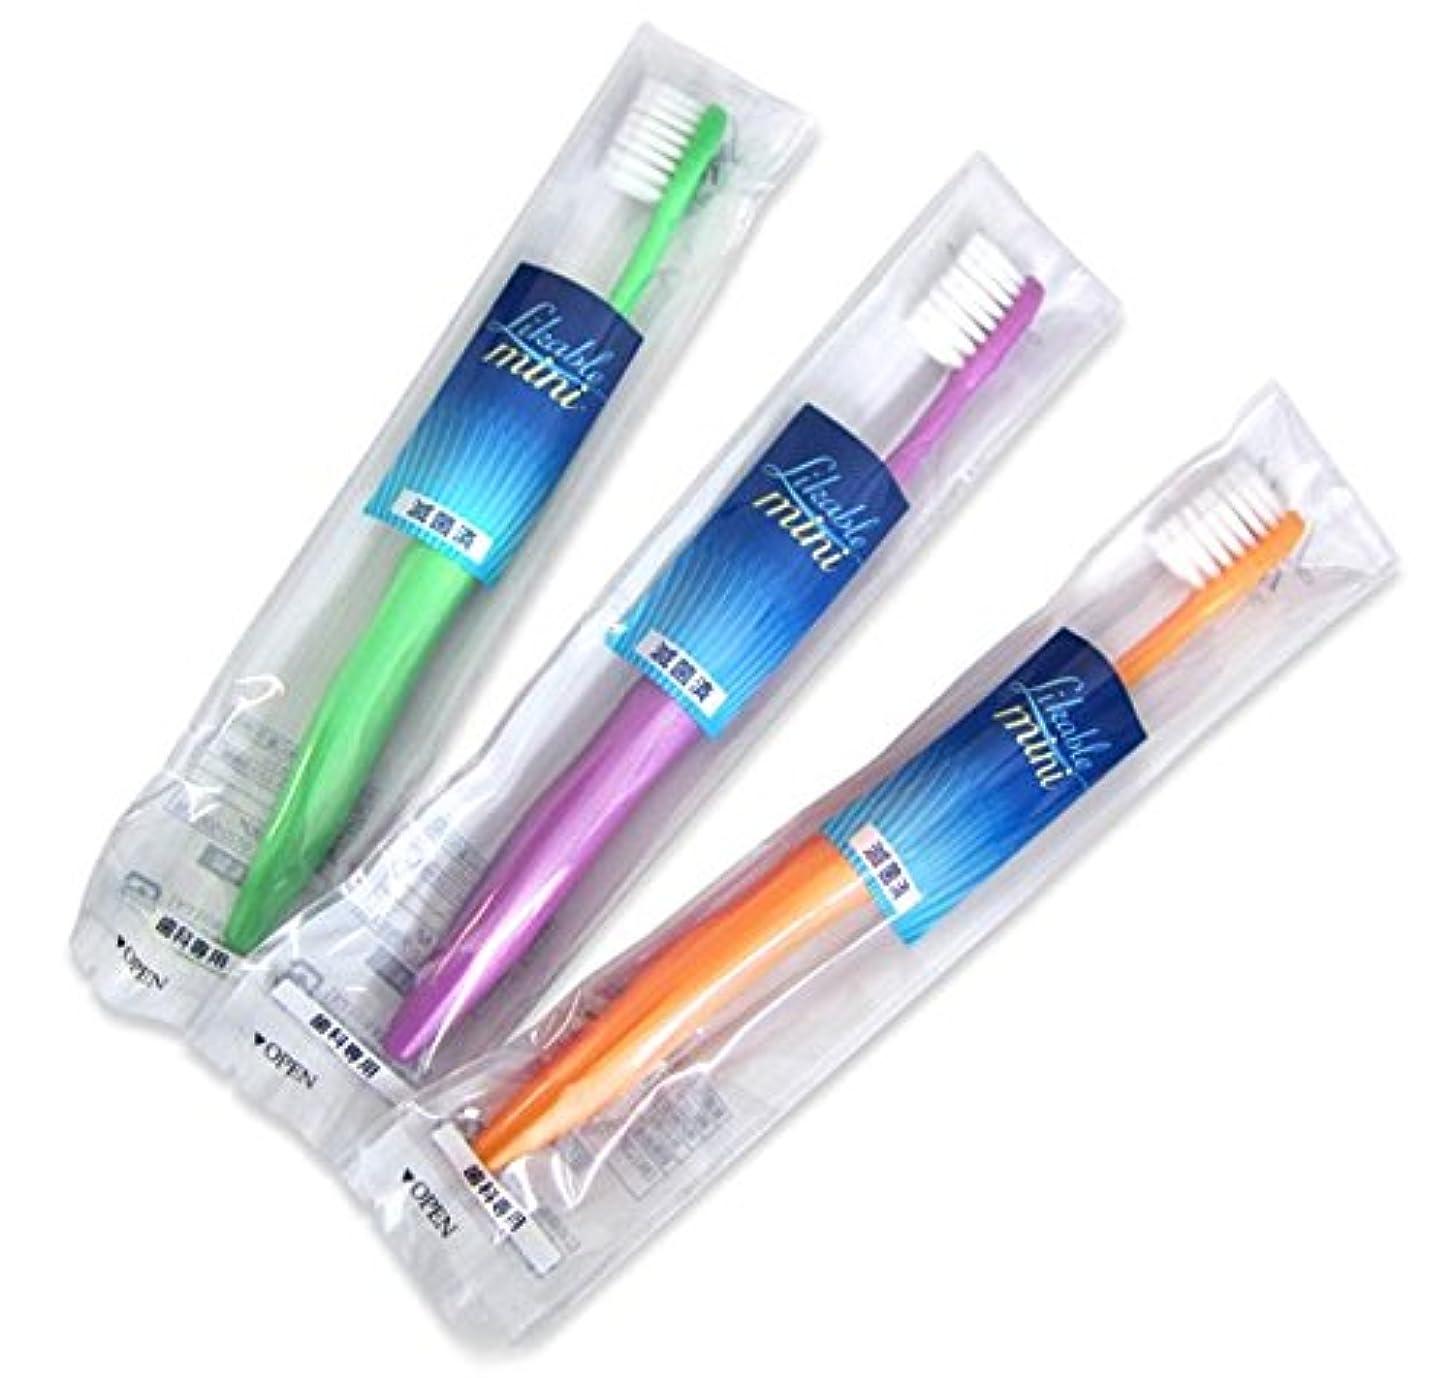 応答ベリーテクトニックライカブル ミニ歯ブラシ 12本入